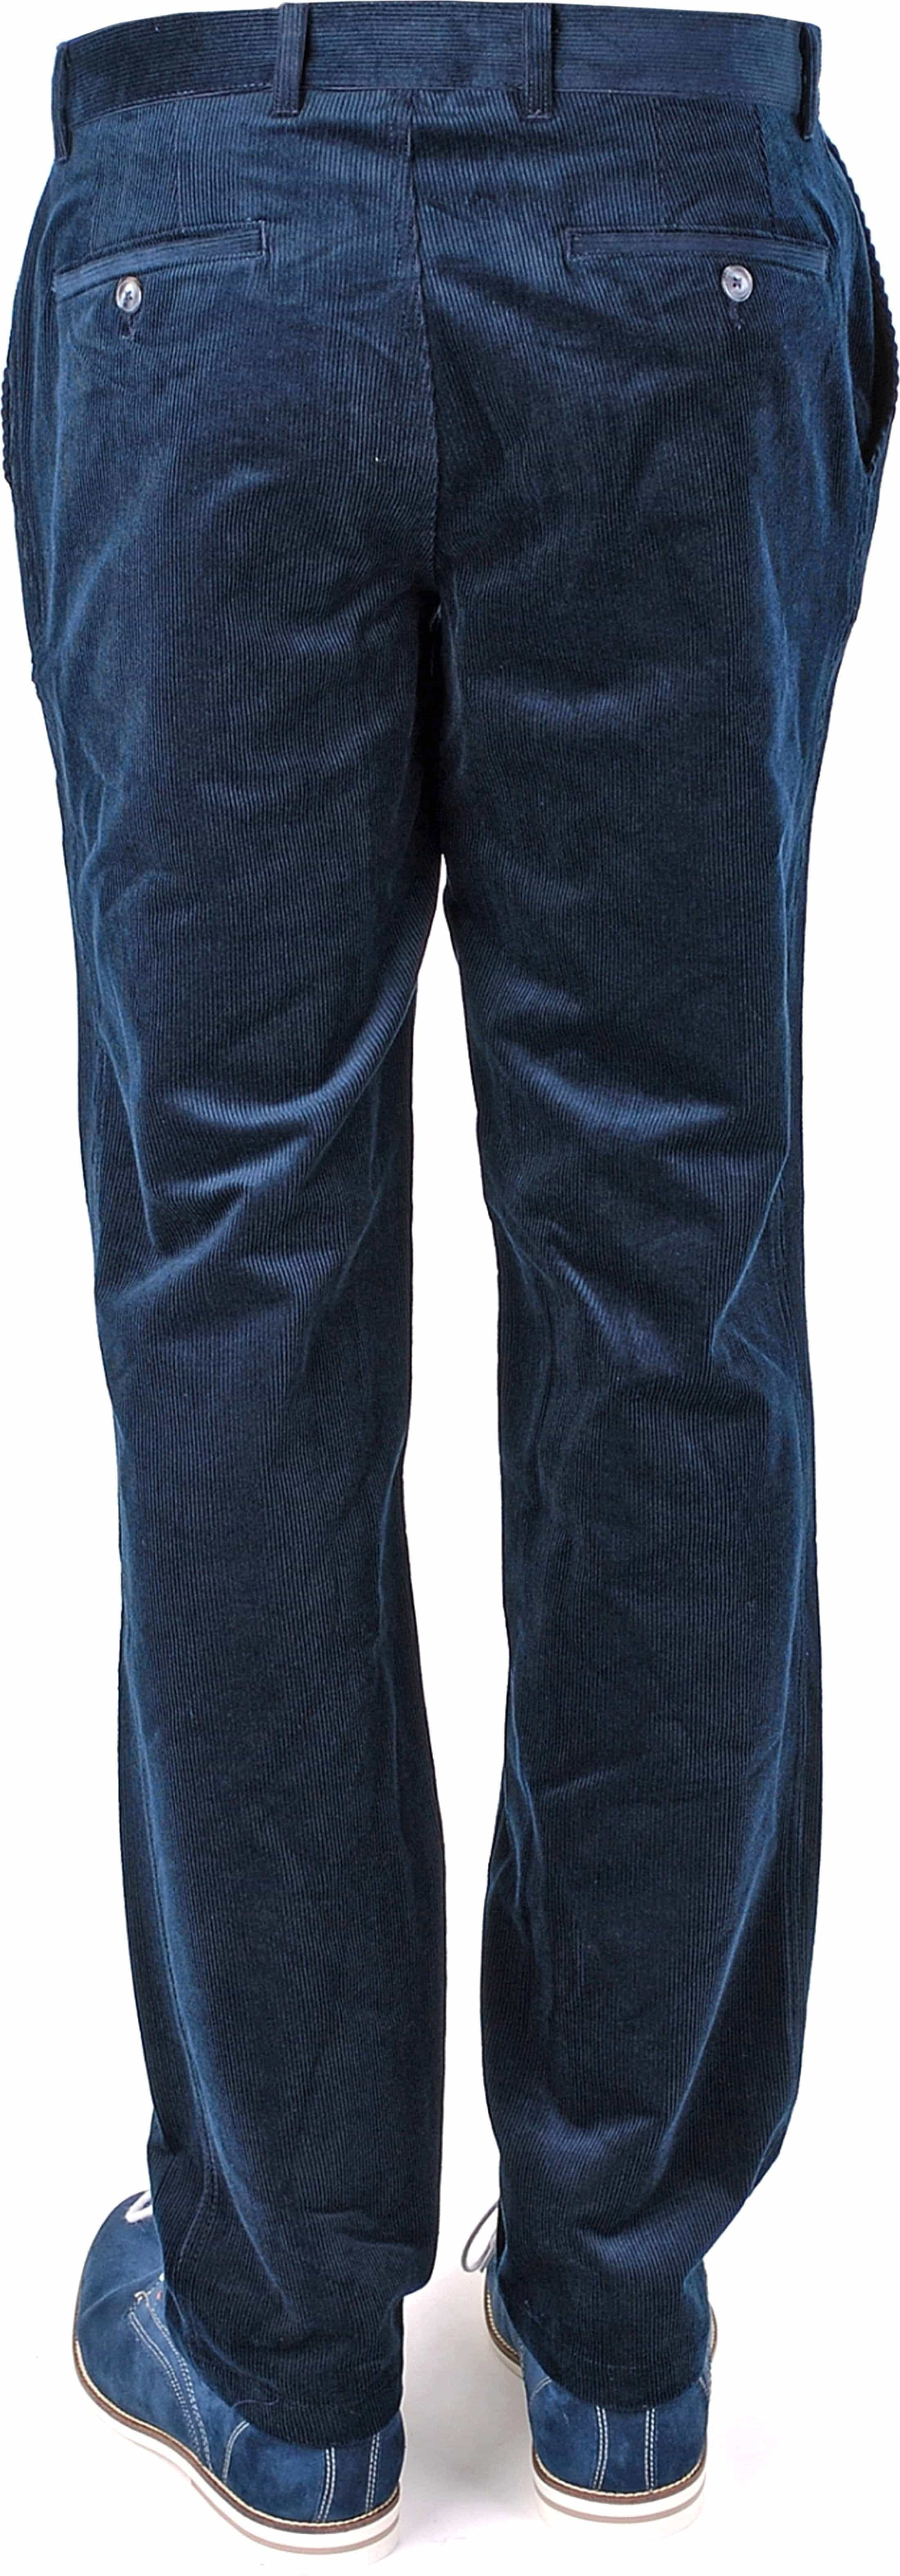 Suitable Chino Cord Blau